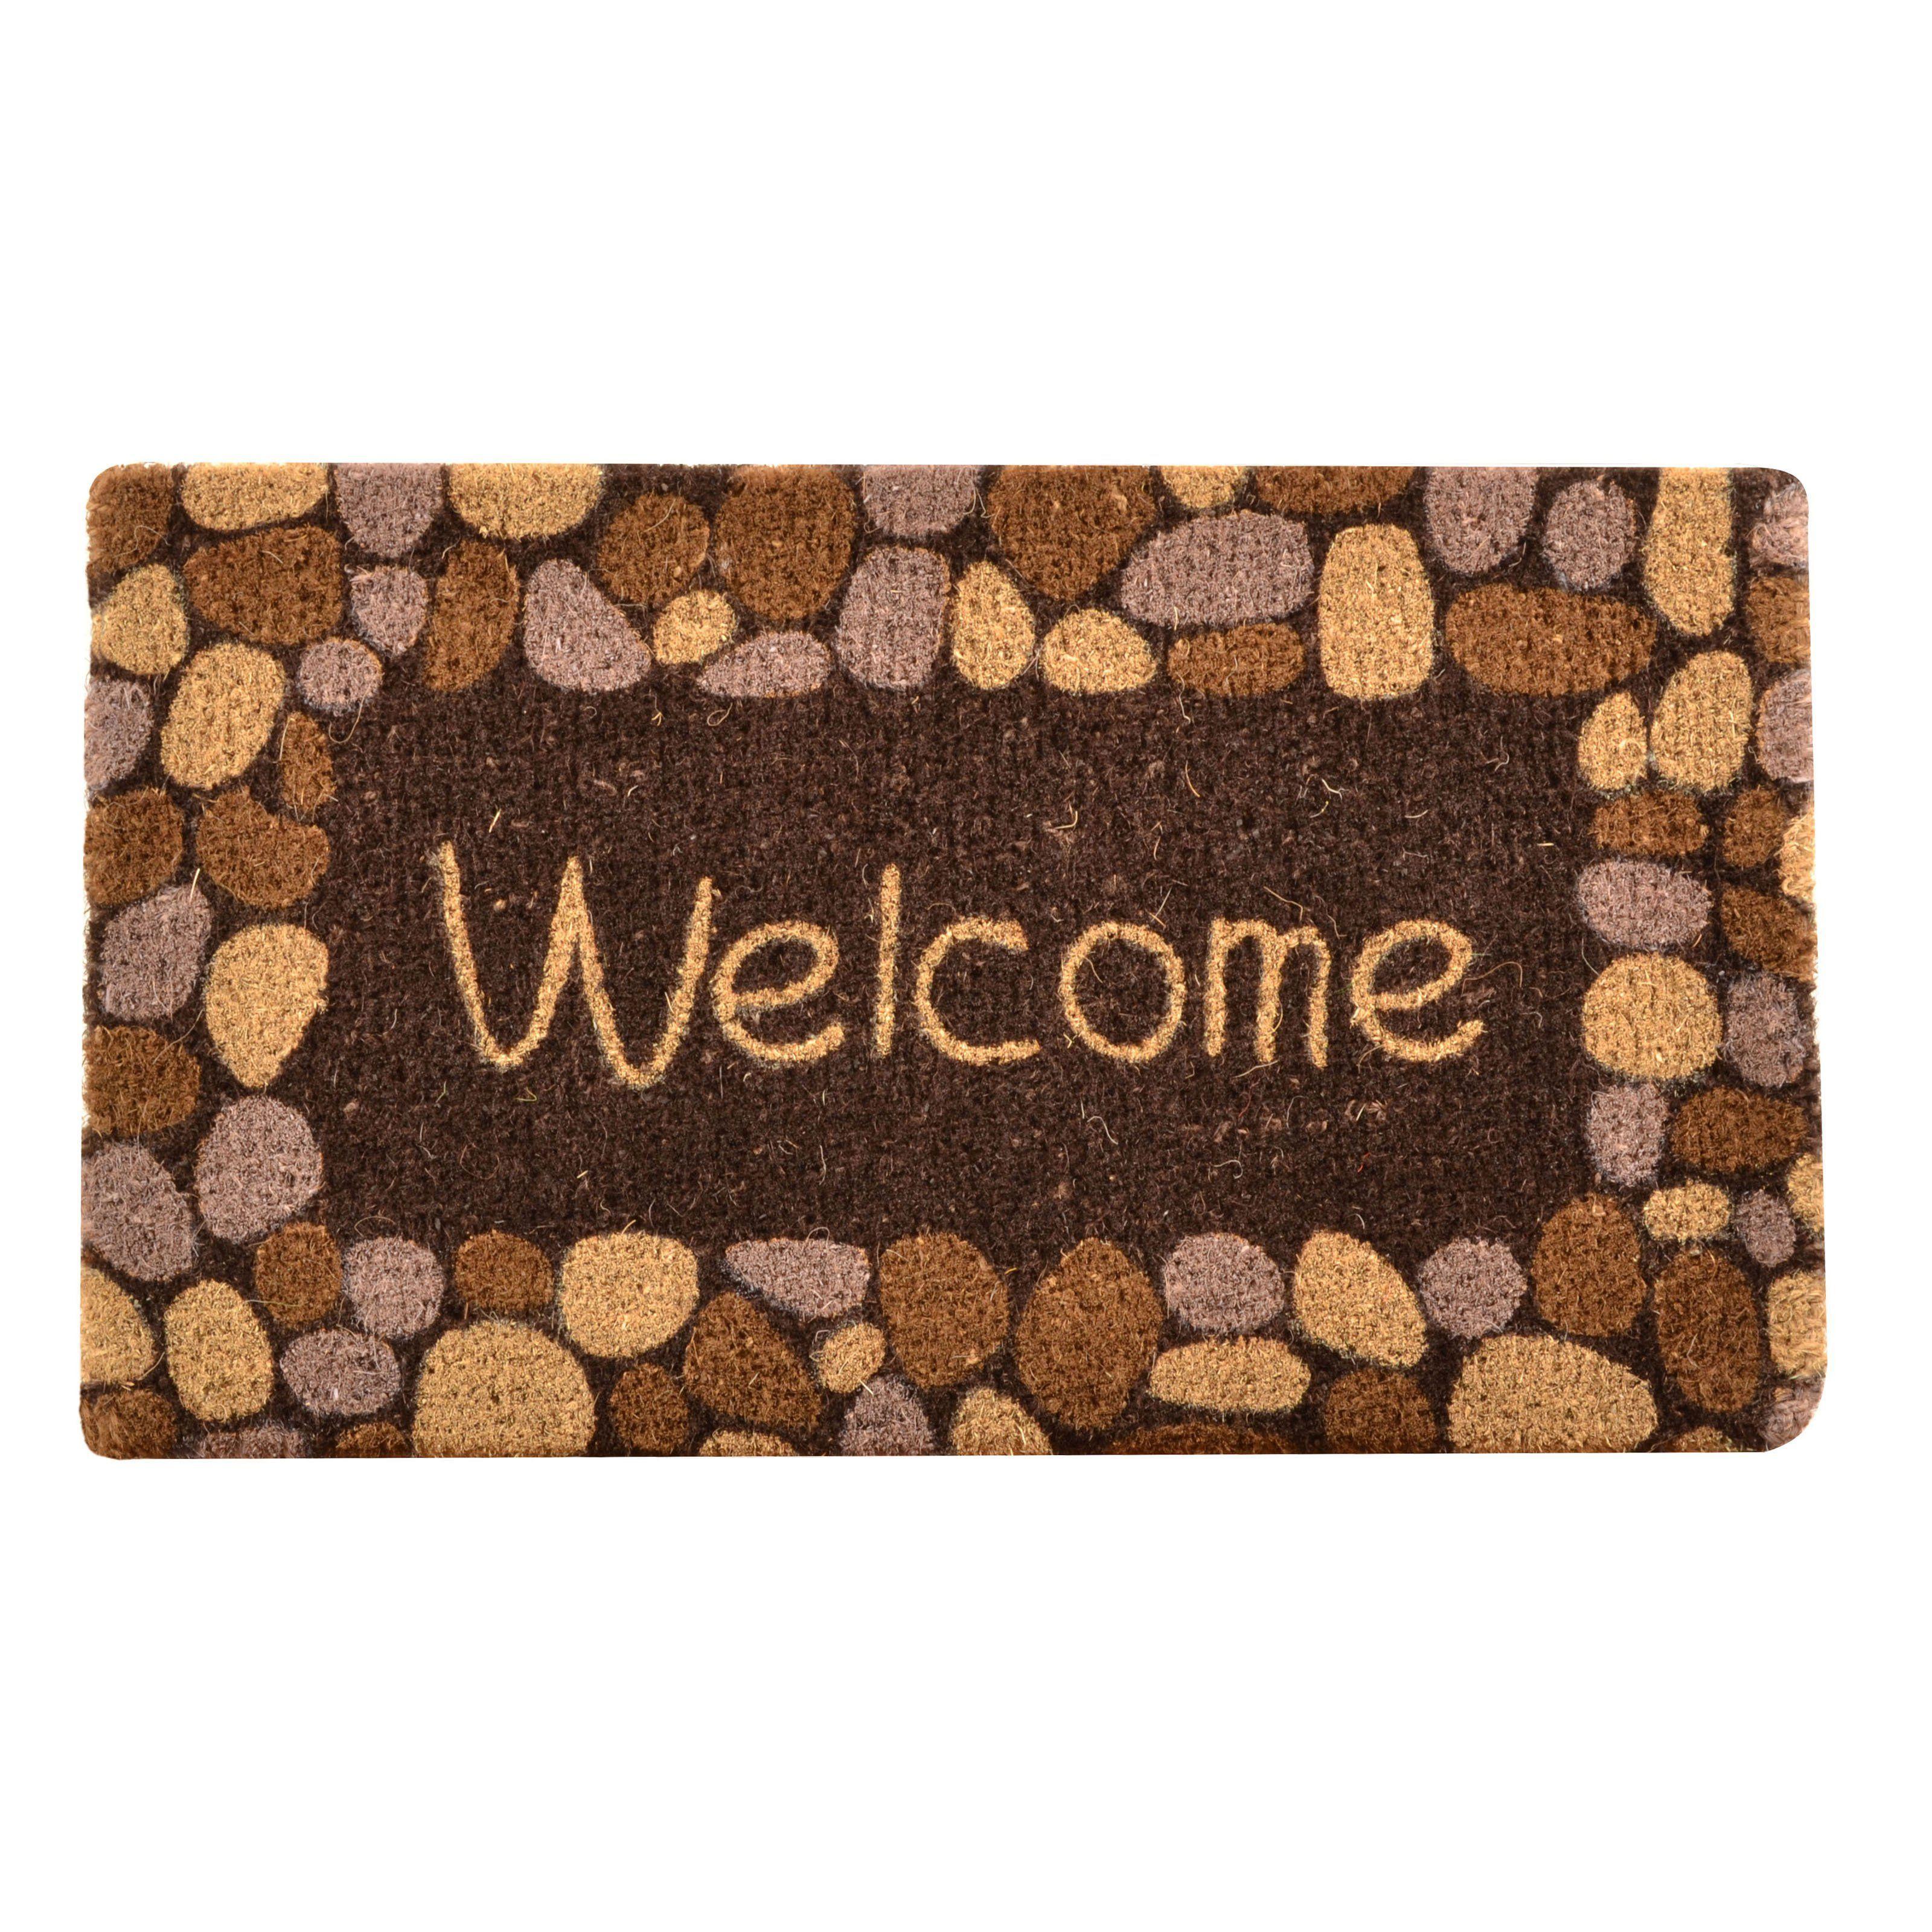 No Trax Welcome River Rocks Coir Door Mat   C11S1830WR